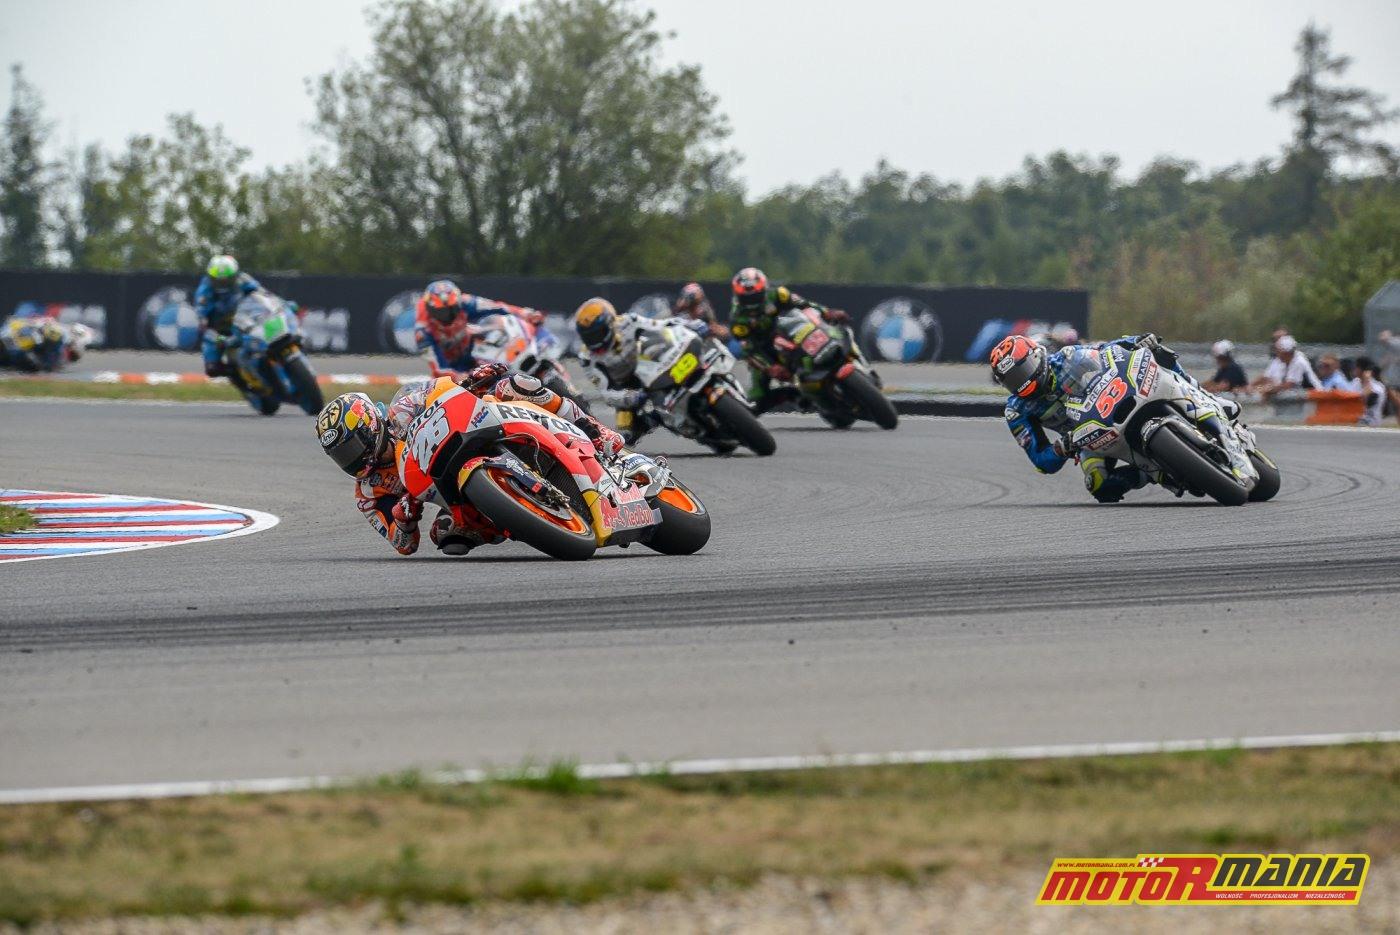 Wyścig MotoGP Brno 2018 - fot Waldek Walerczuk (25)